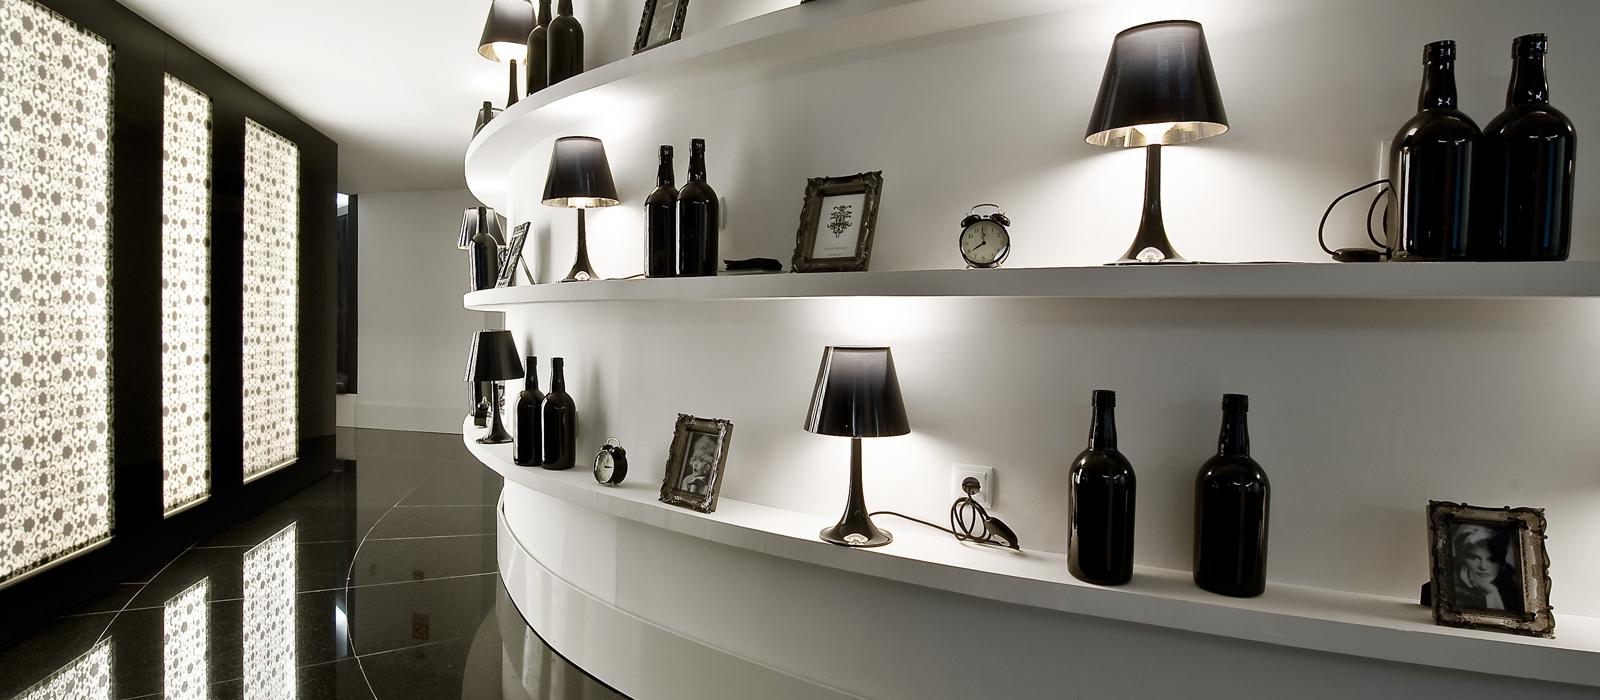 Offerte Via 66 Hotel Vincci Madrid - Prenota ora e risparmia! -5%